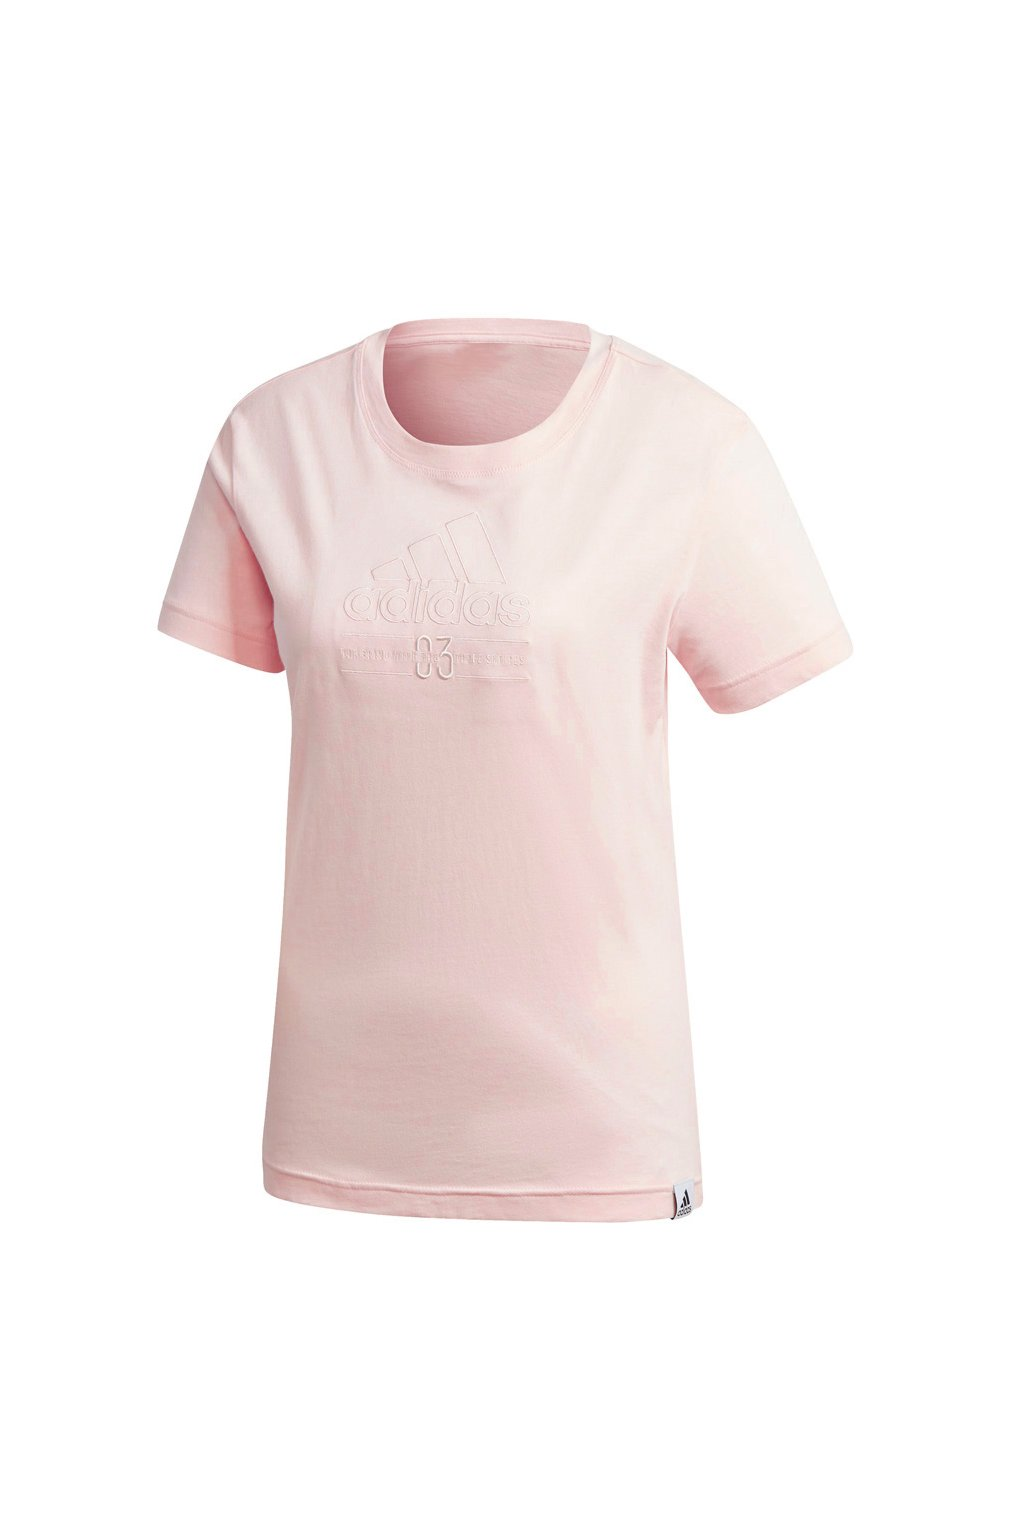 Dámske tričko adidas Brilliant Basics Tee svetlo ružové GD3821